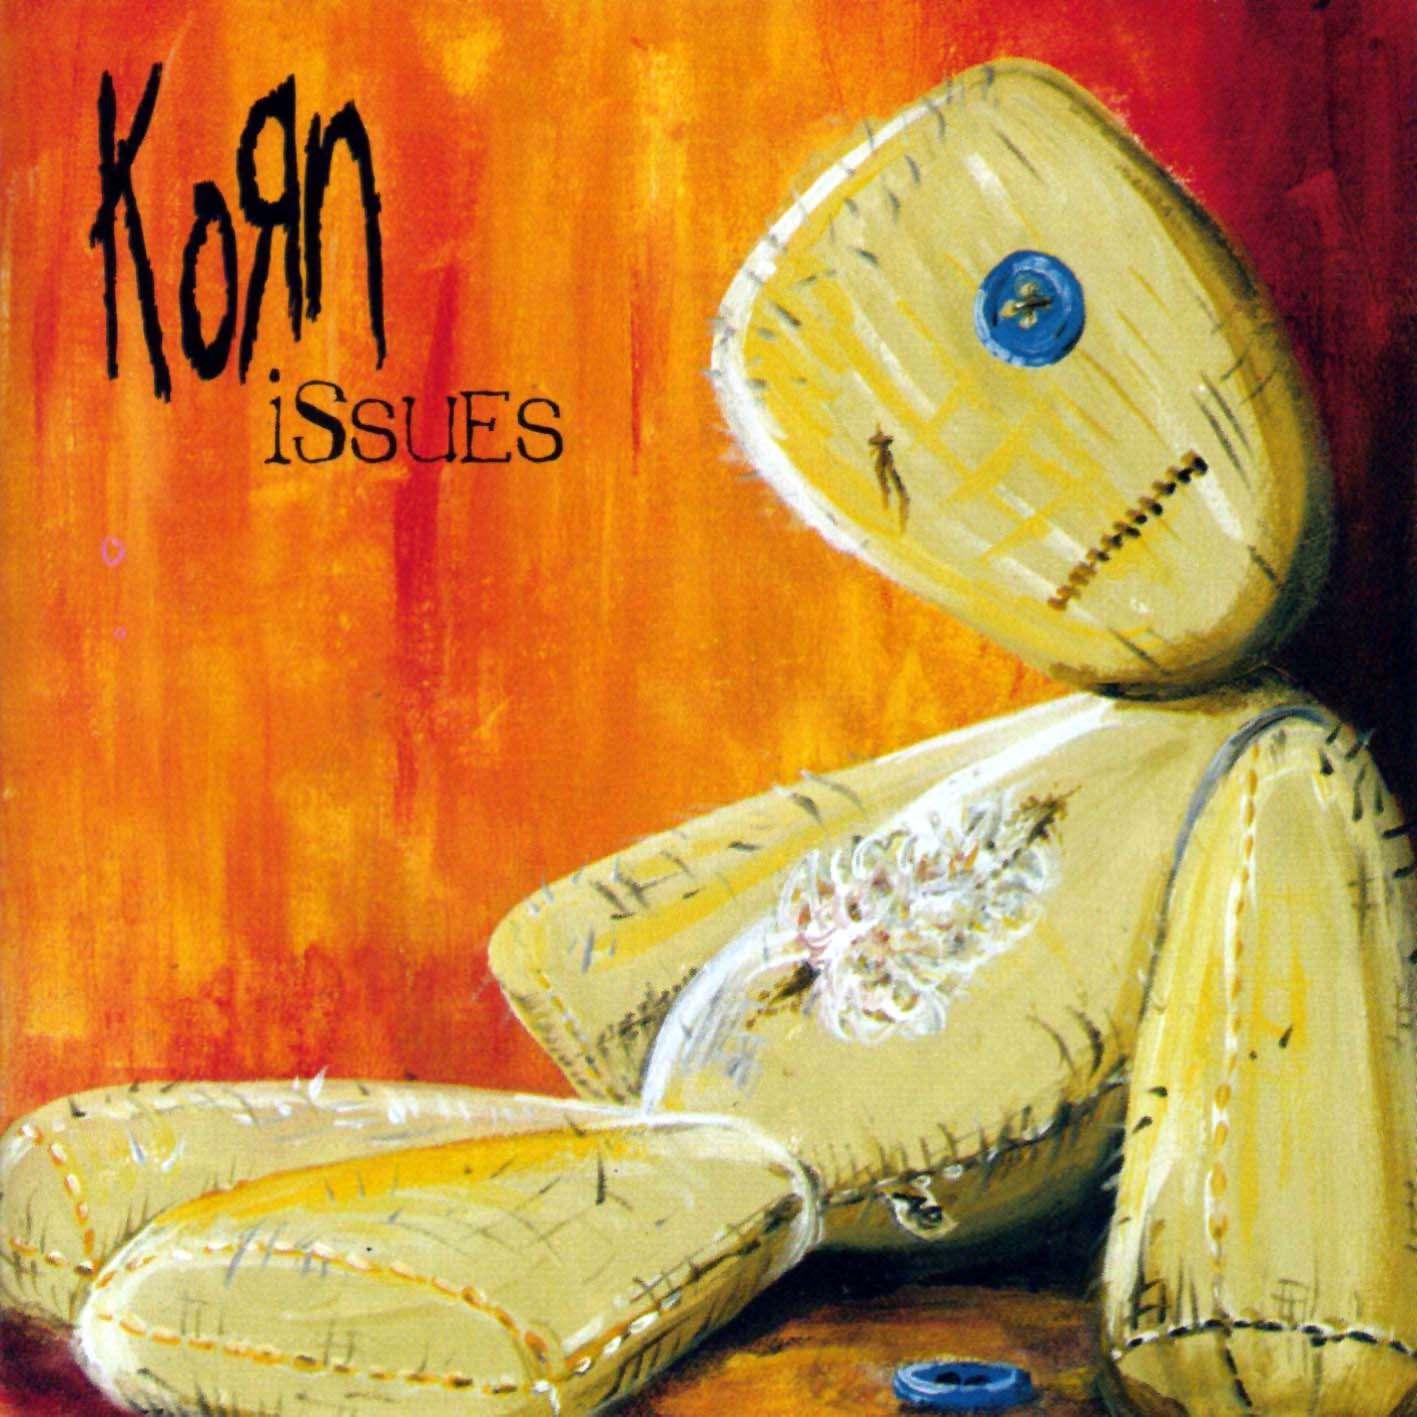 KoRn - Issues [320 kbps]